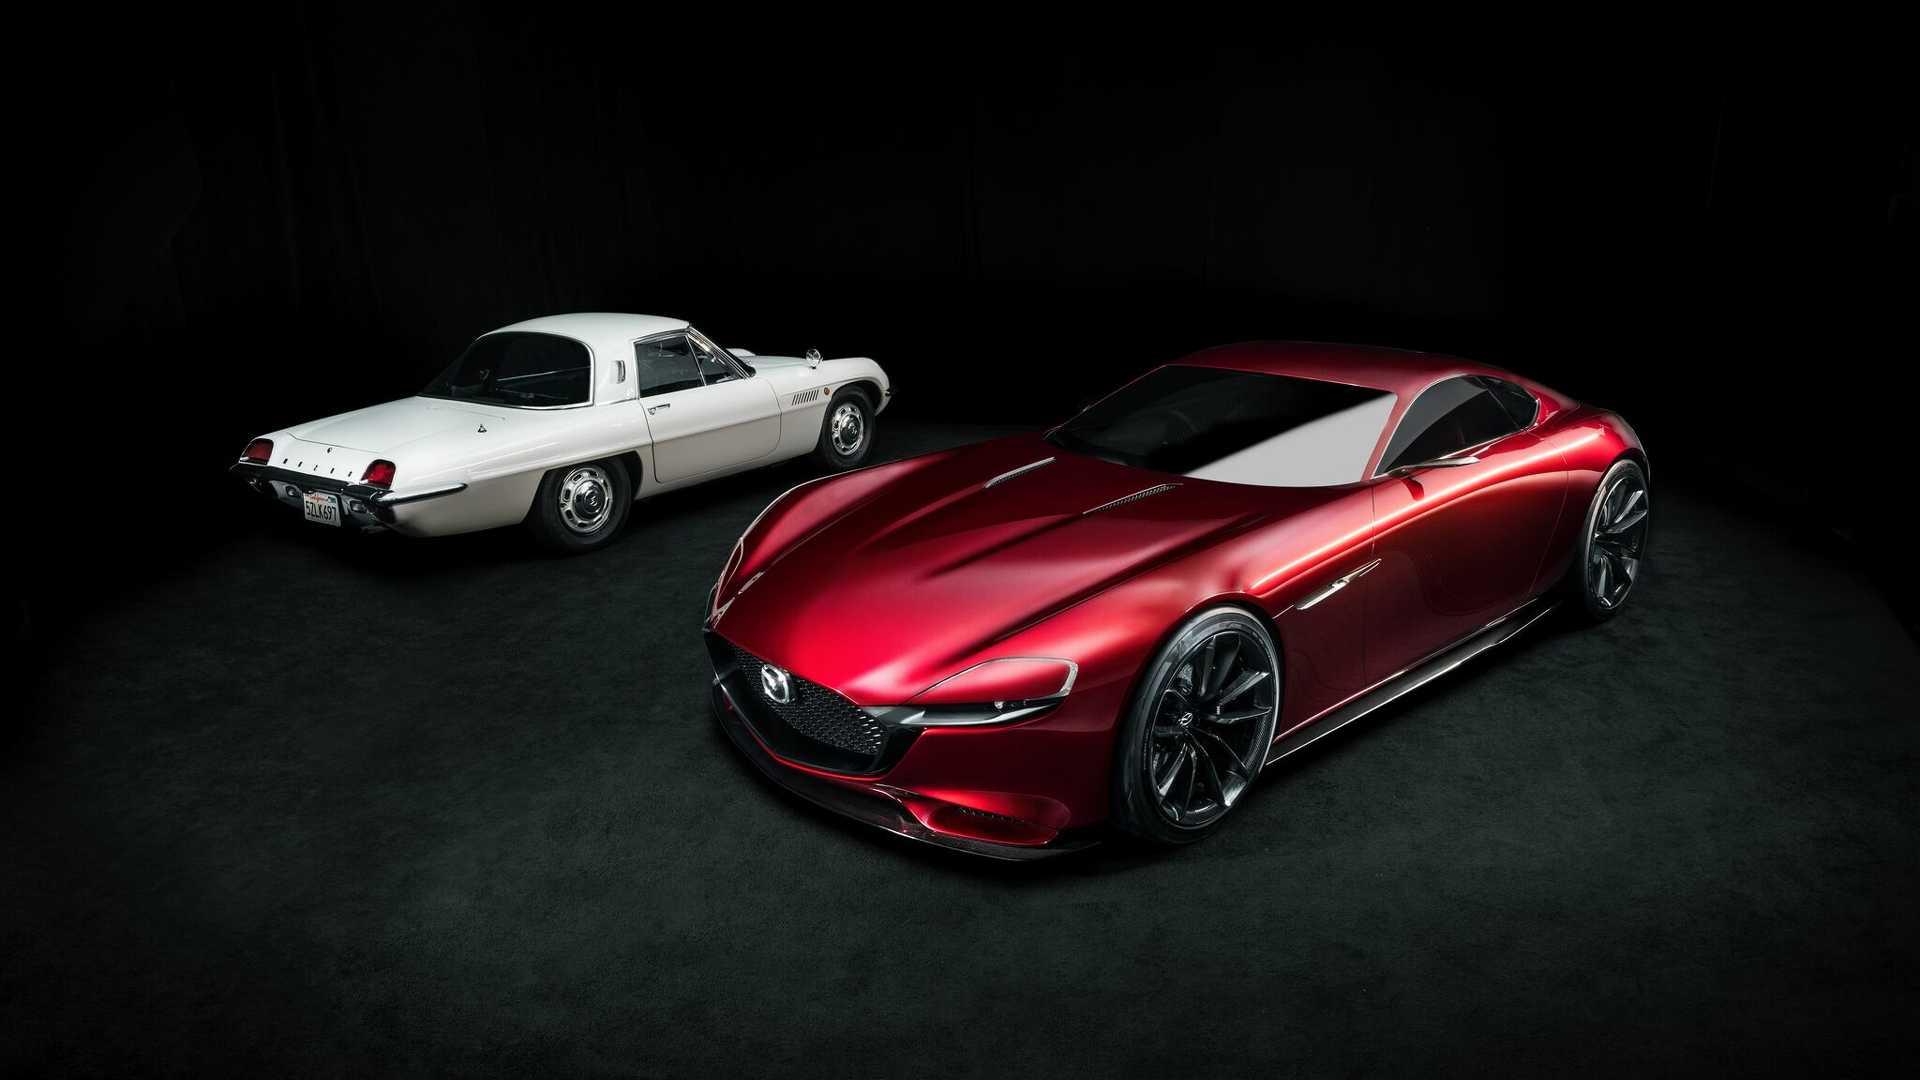 1967 Mazda Cosmo Sport e 2015 Mazda RX-Vision